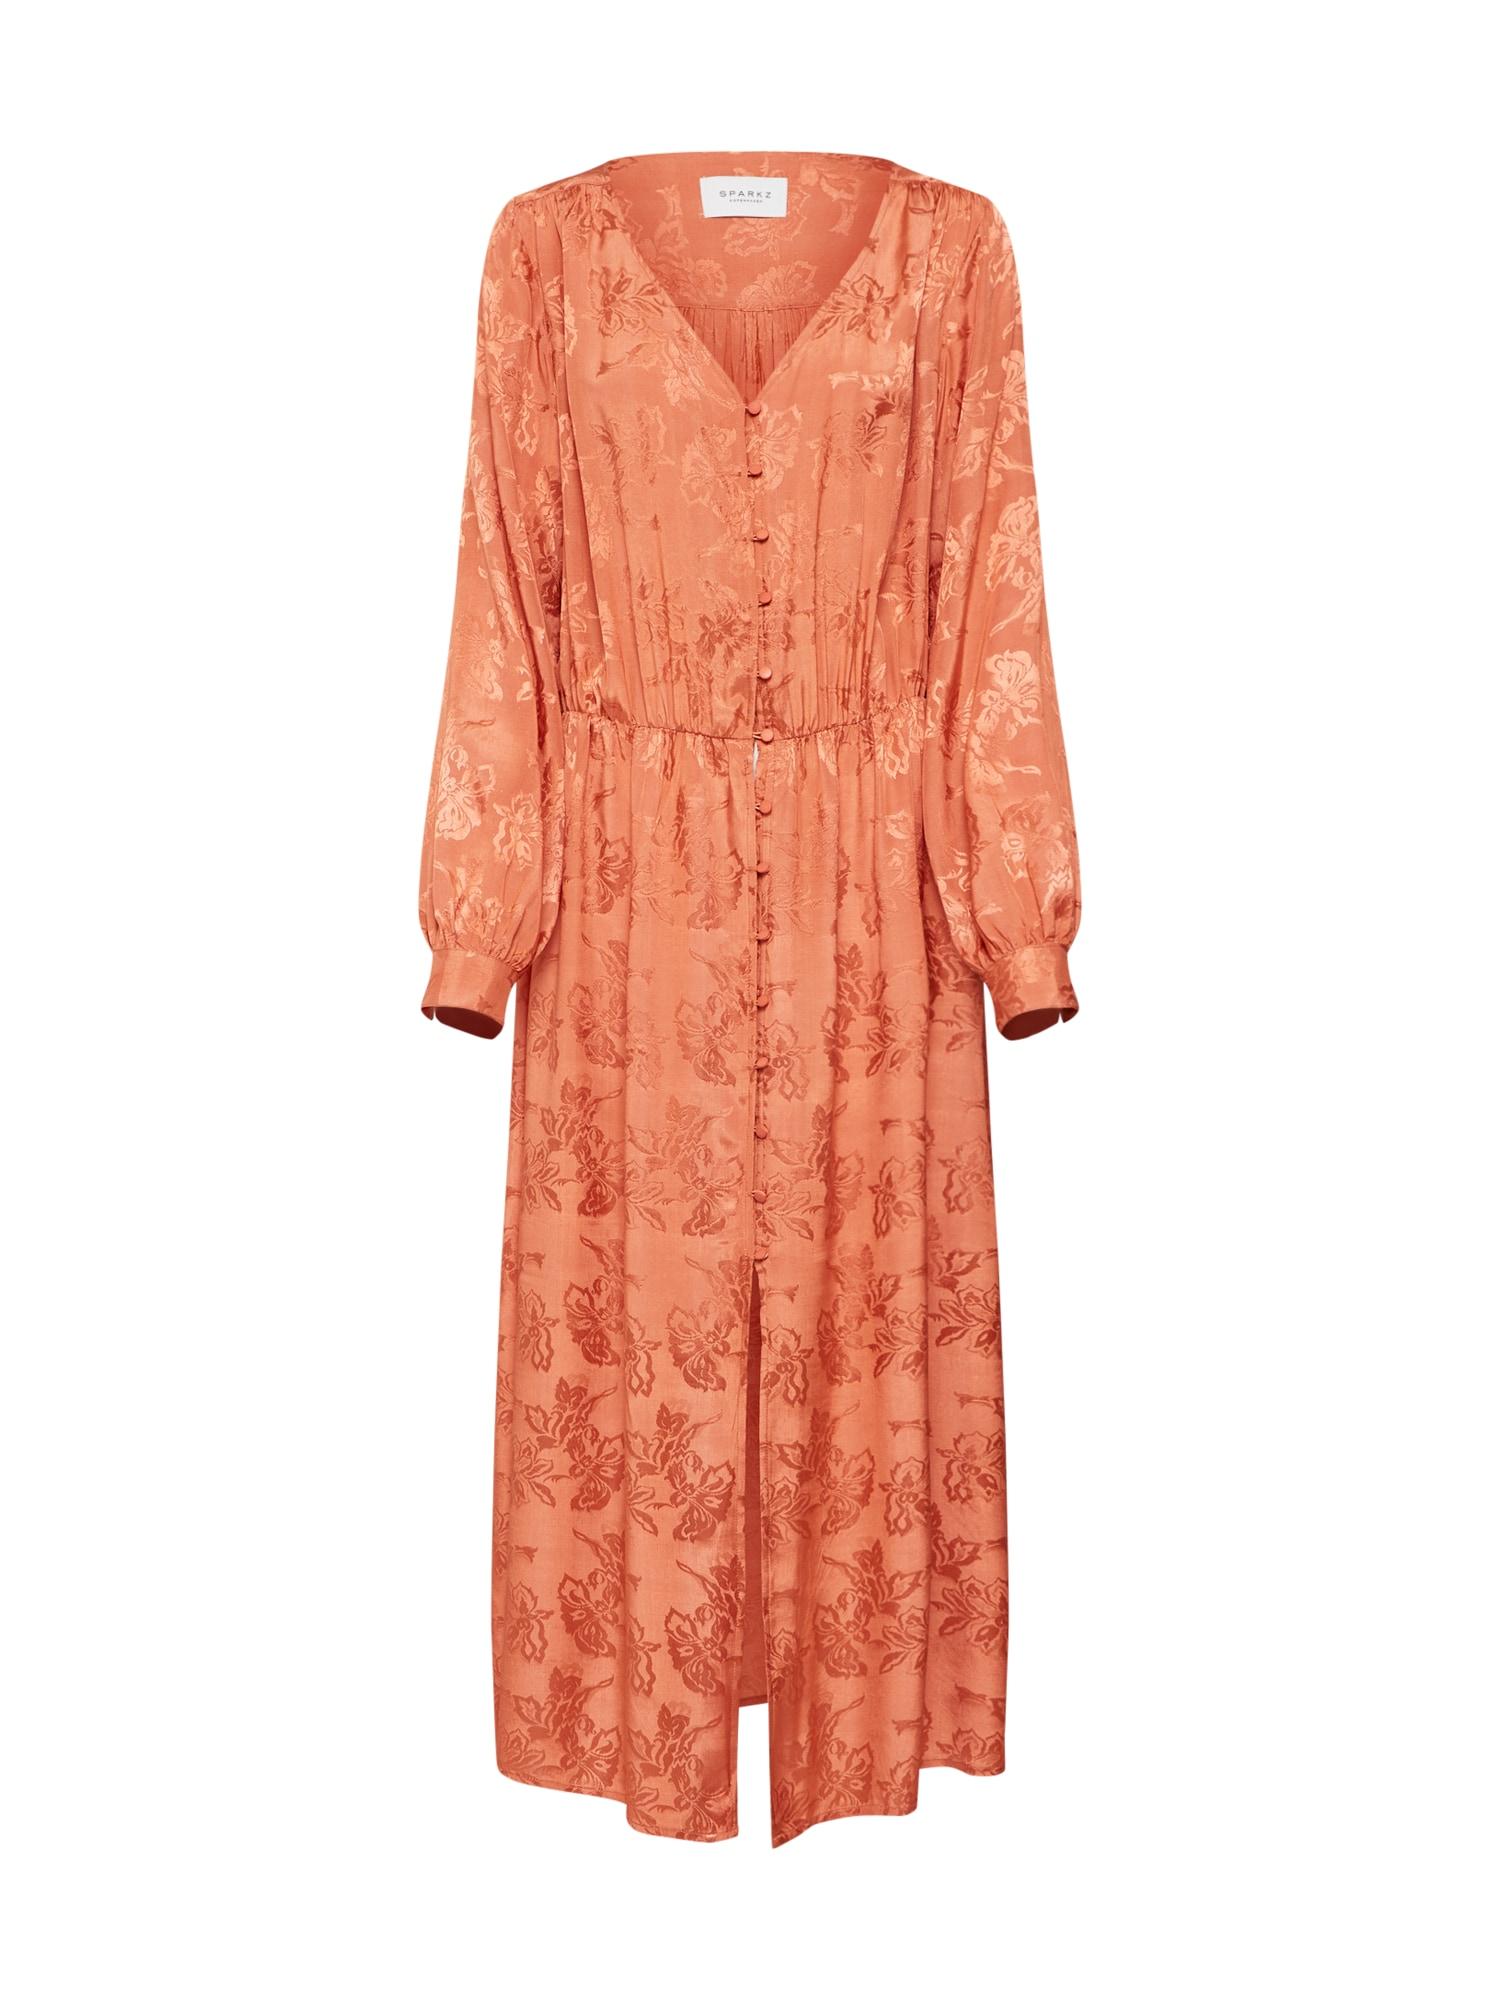 Letní šaty Tia Long Dress oranžová Sparkz